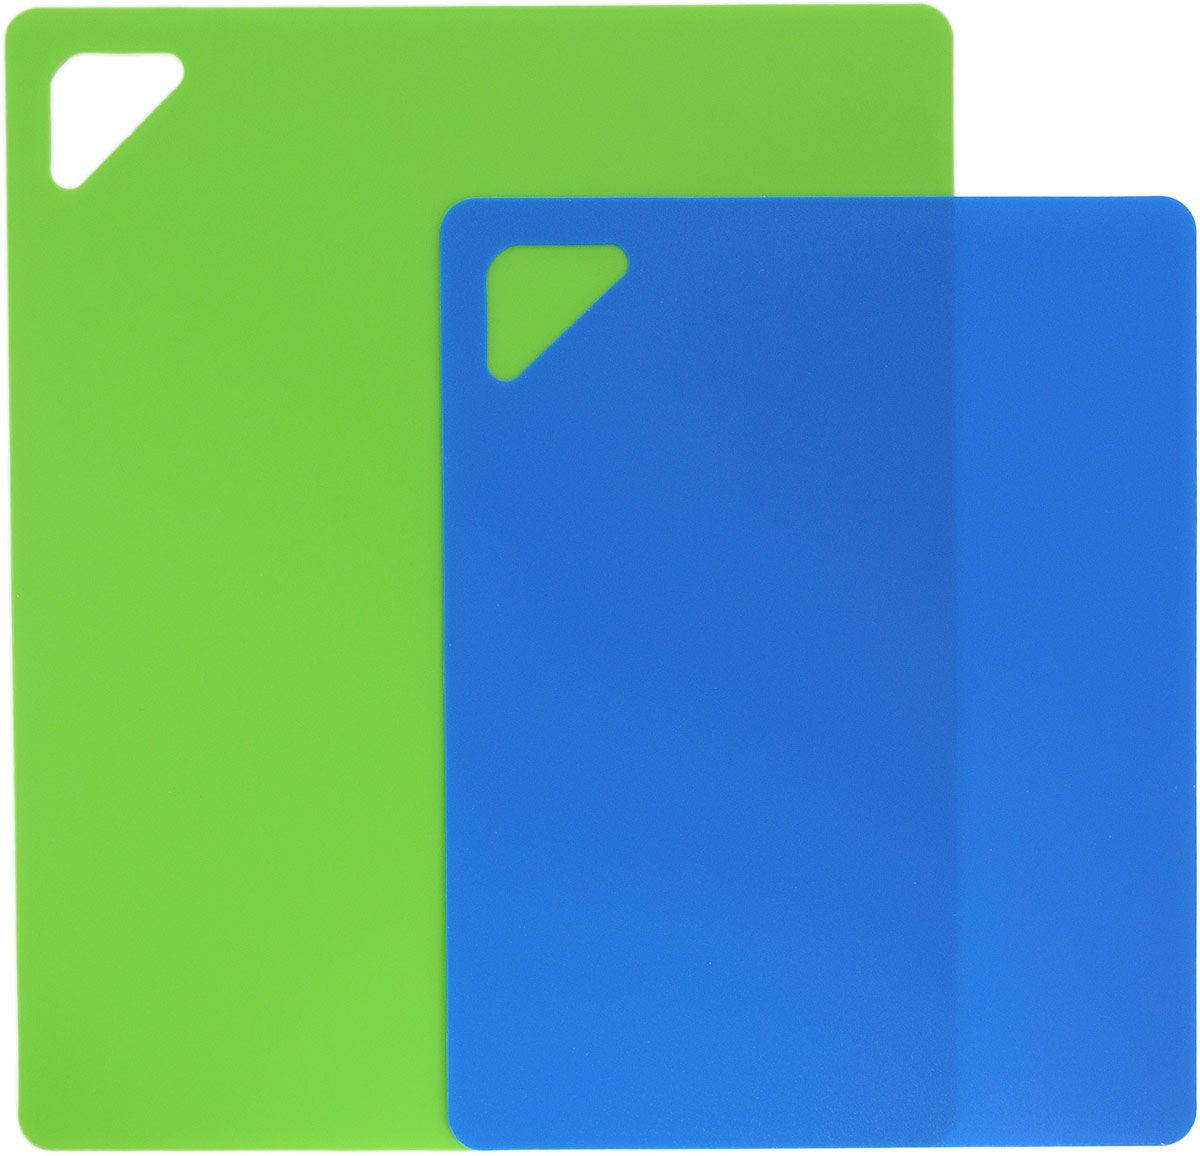 Набор разделочных досок Домашний Сундук, гибкие, цвет в ассортименте, 2 шт разделочная доска домашний сундук гибкая цвет красный синий 2 шт